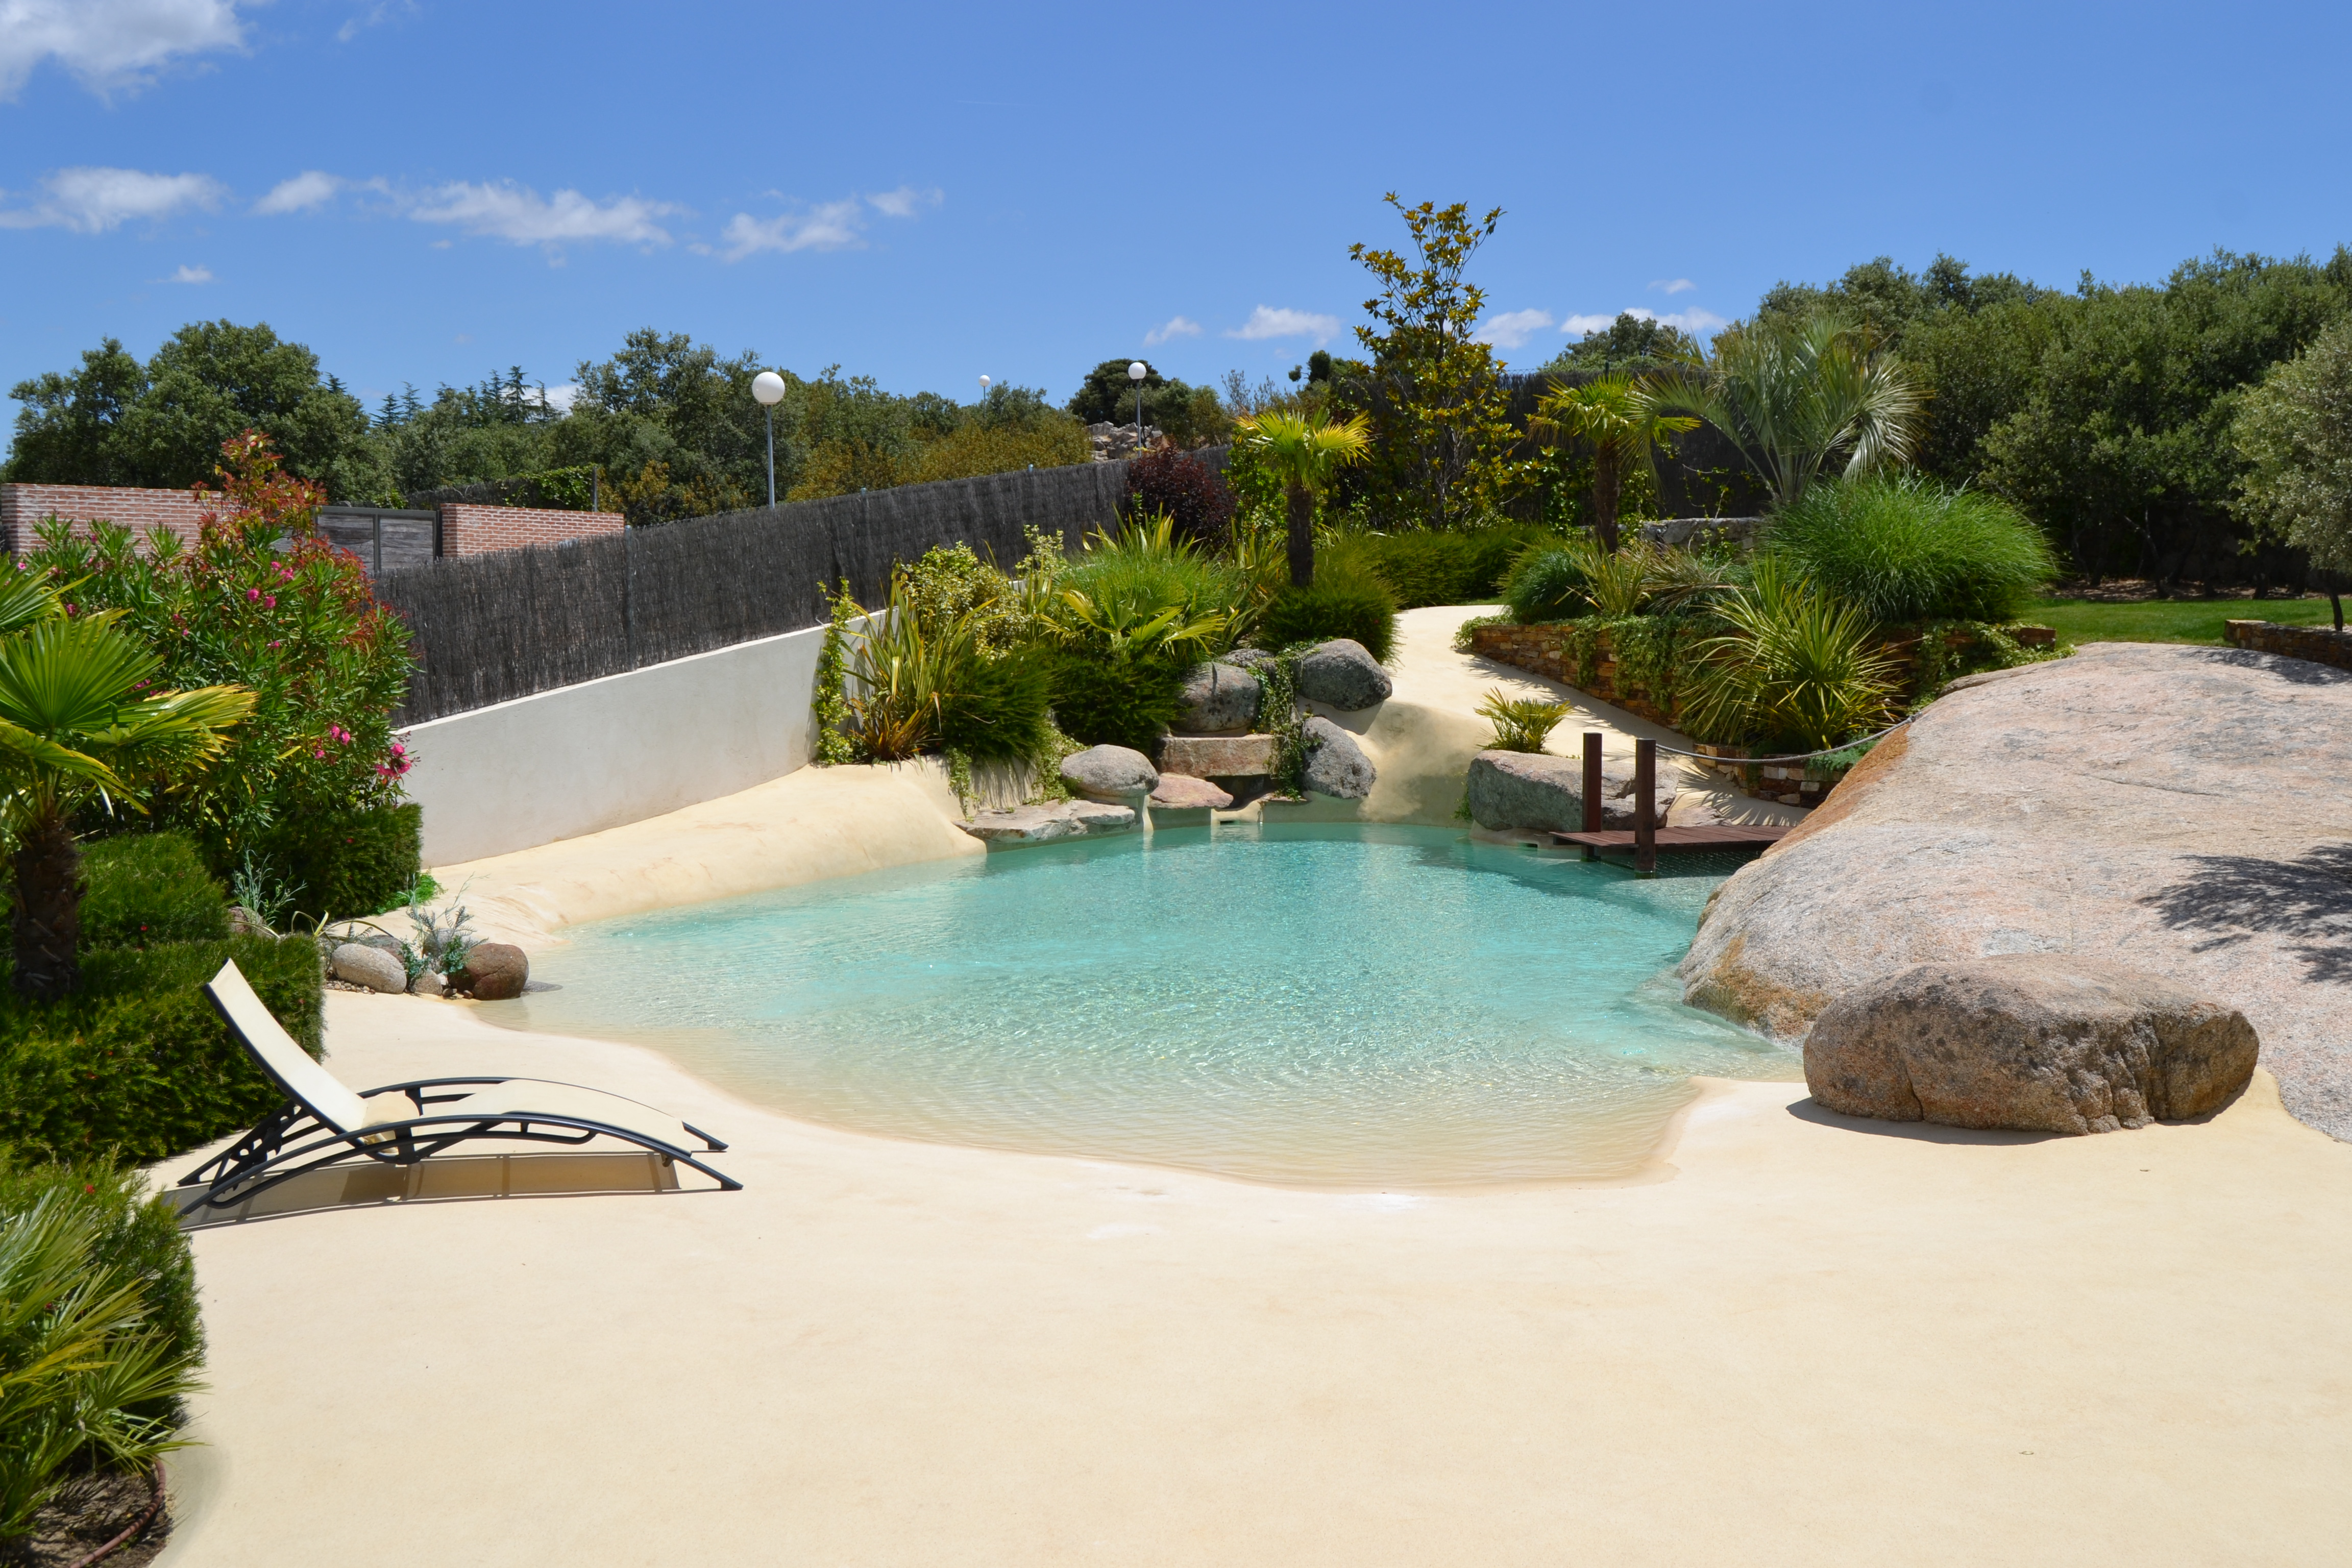 Ideias de decora o piscinas de areia ou como desfrutar da praia sem sair de casa idealista news - Fuentes para piscinas ...